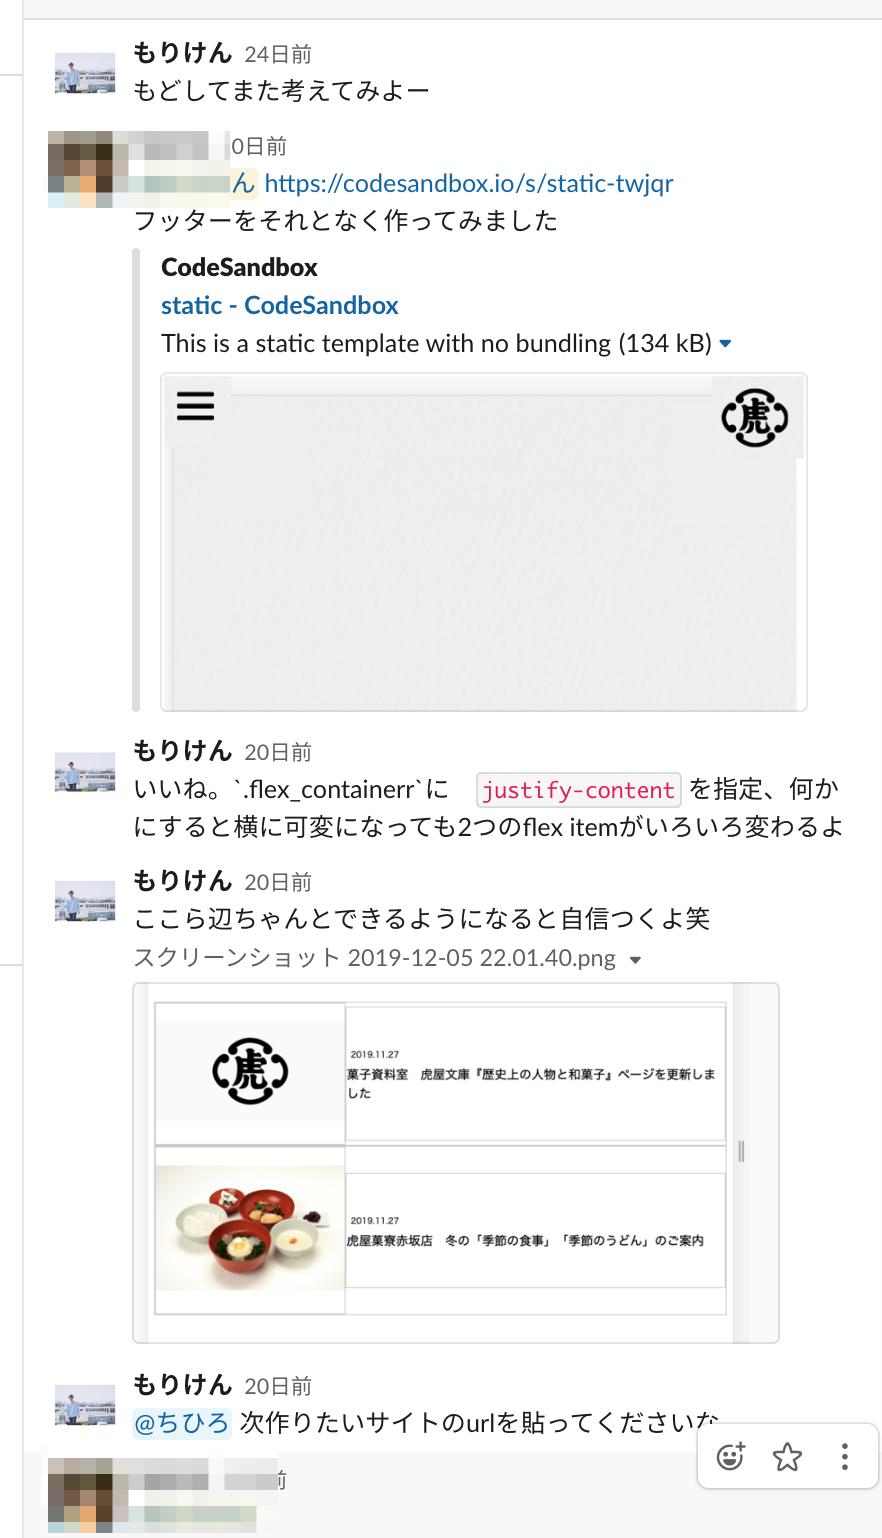 森田賢二がWeb未経験者にフロントエンドを教えているようす